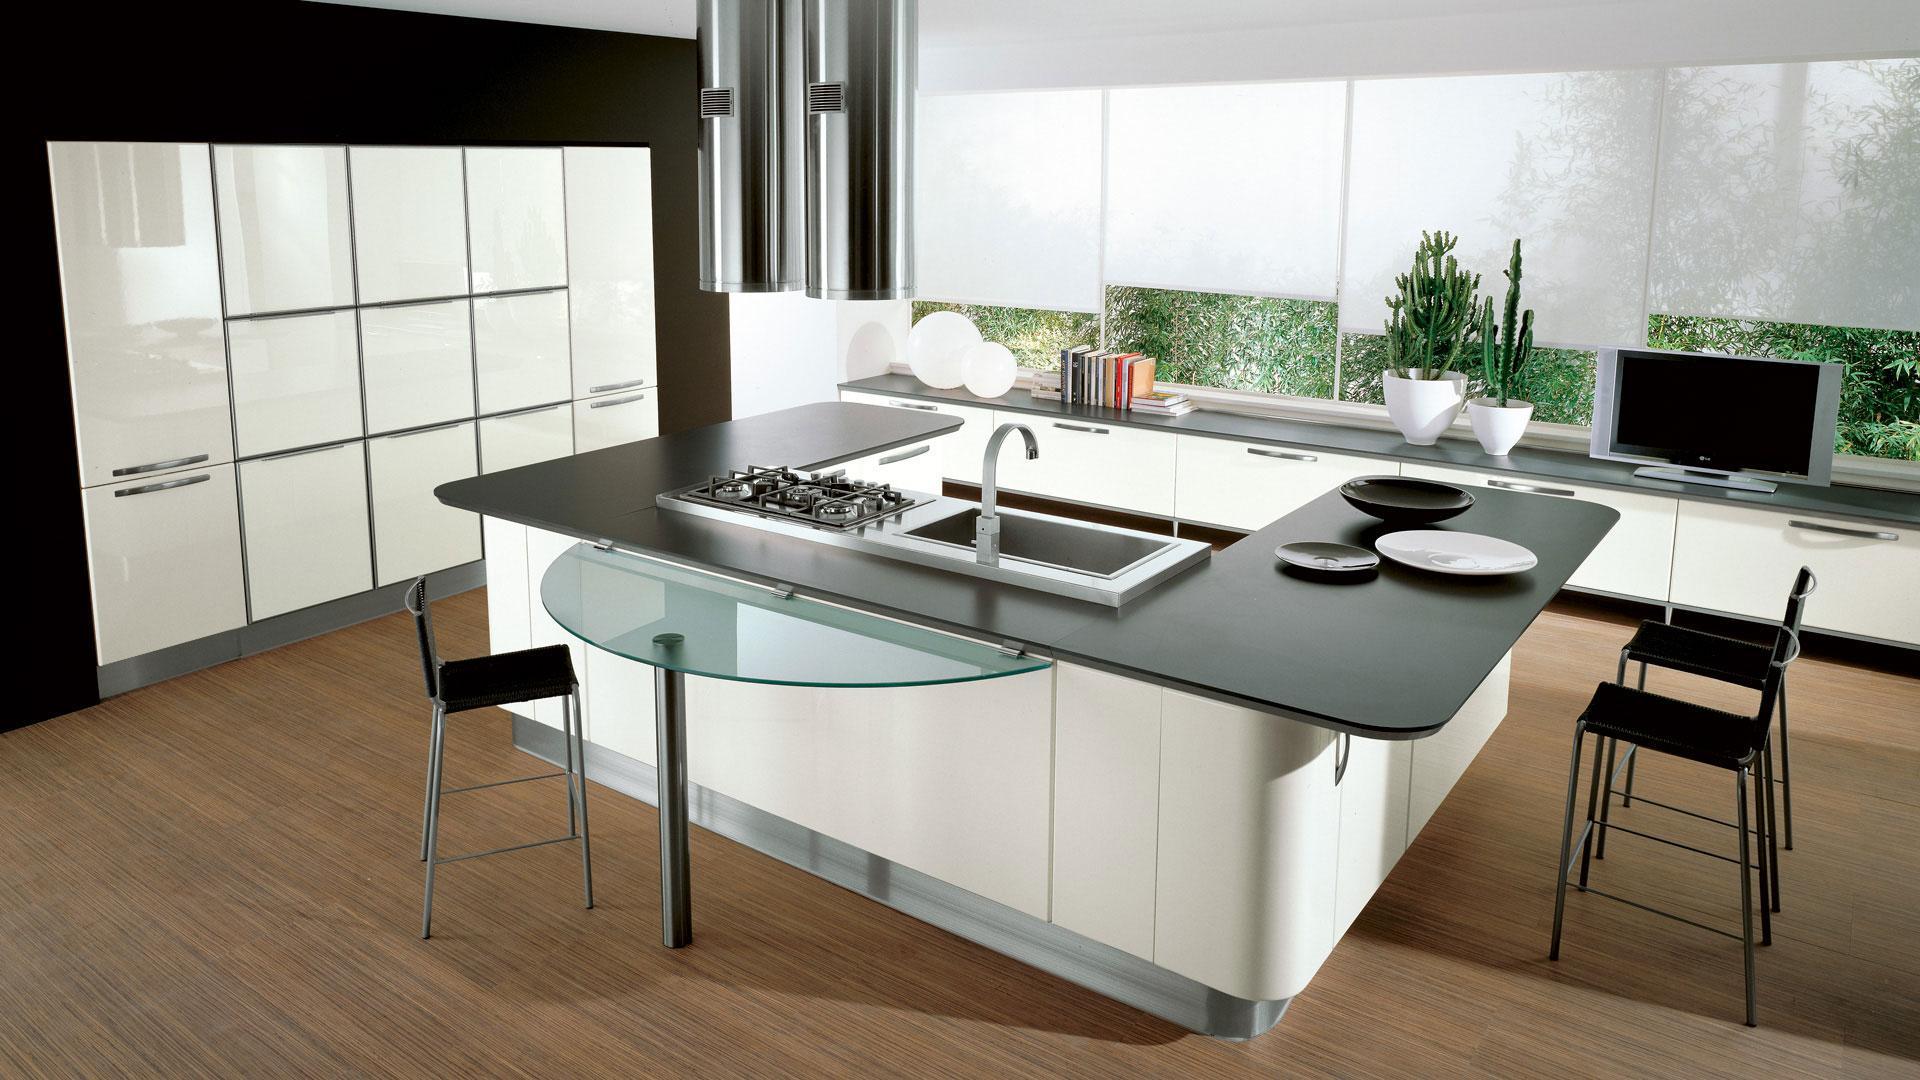 Cucina bianca 5 soluzioni per arredare proposti da lube lube store milano le cucine lube - Soluzioni no piastrelle cucina ...